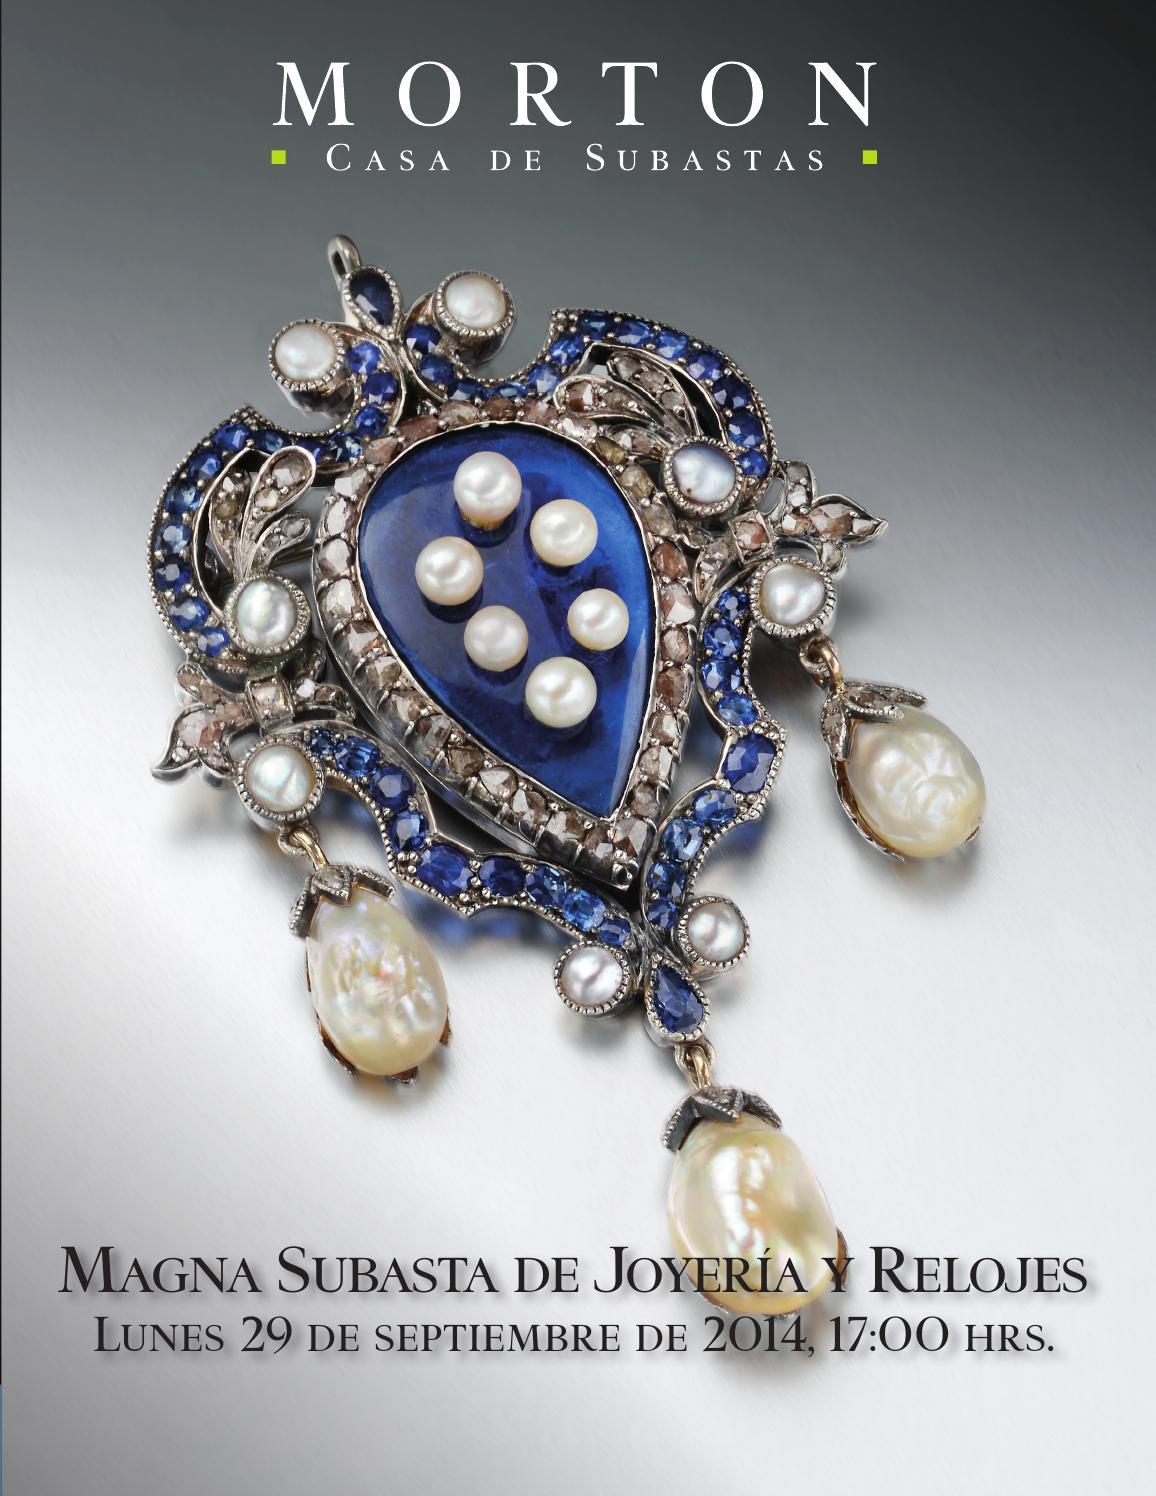 Subasta de Joyería y Relojes by Morton Subastas - issuu